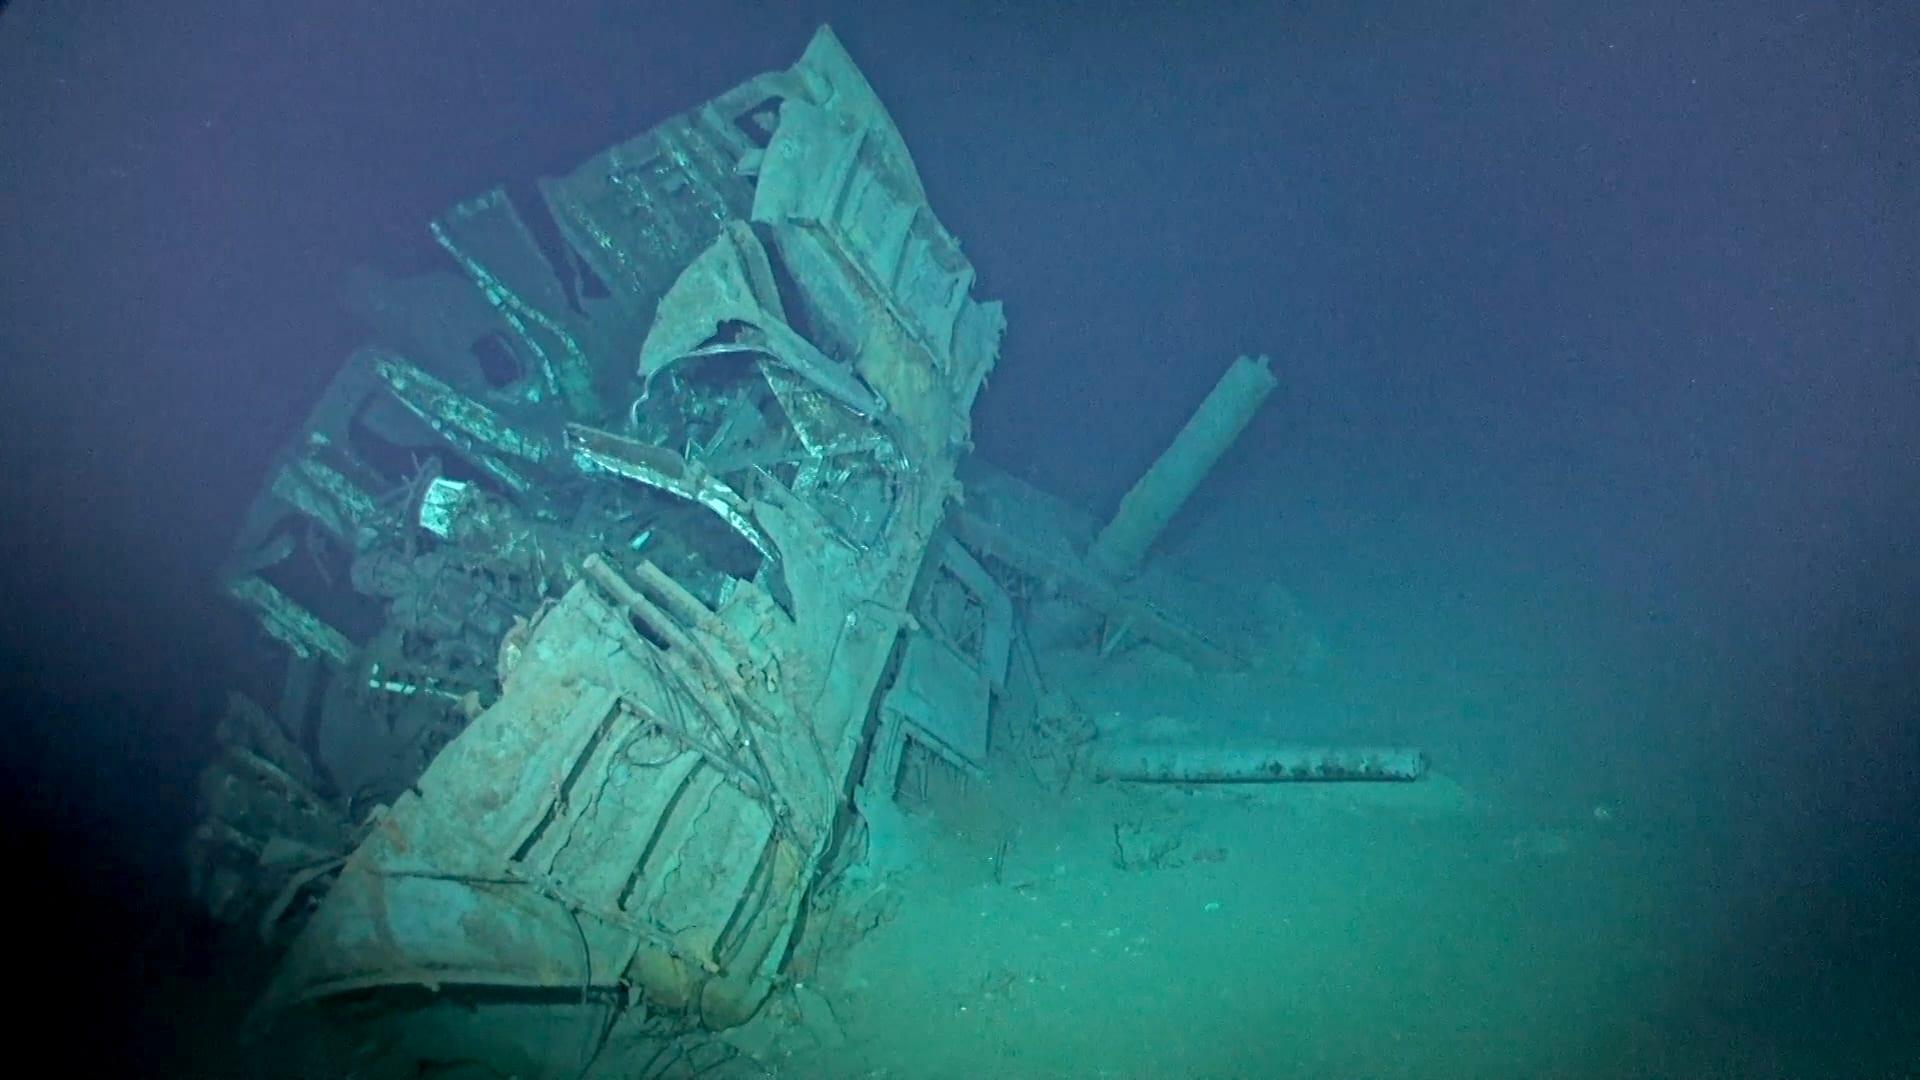 على عمق أكثر من 6 آلاف متر.. مسح أعمق حطام لسفينة بشكل كامل